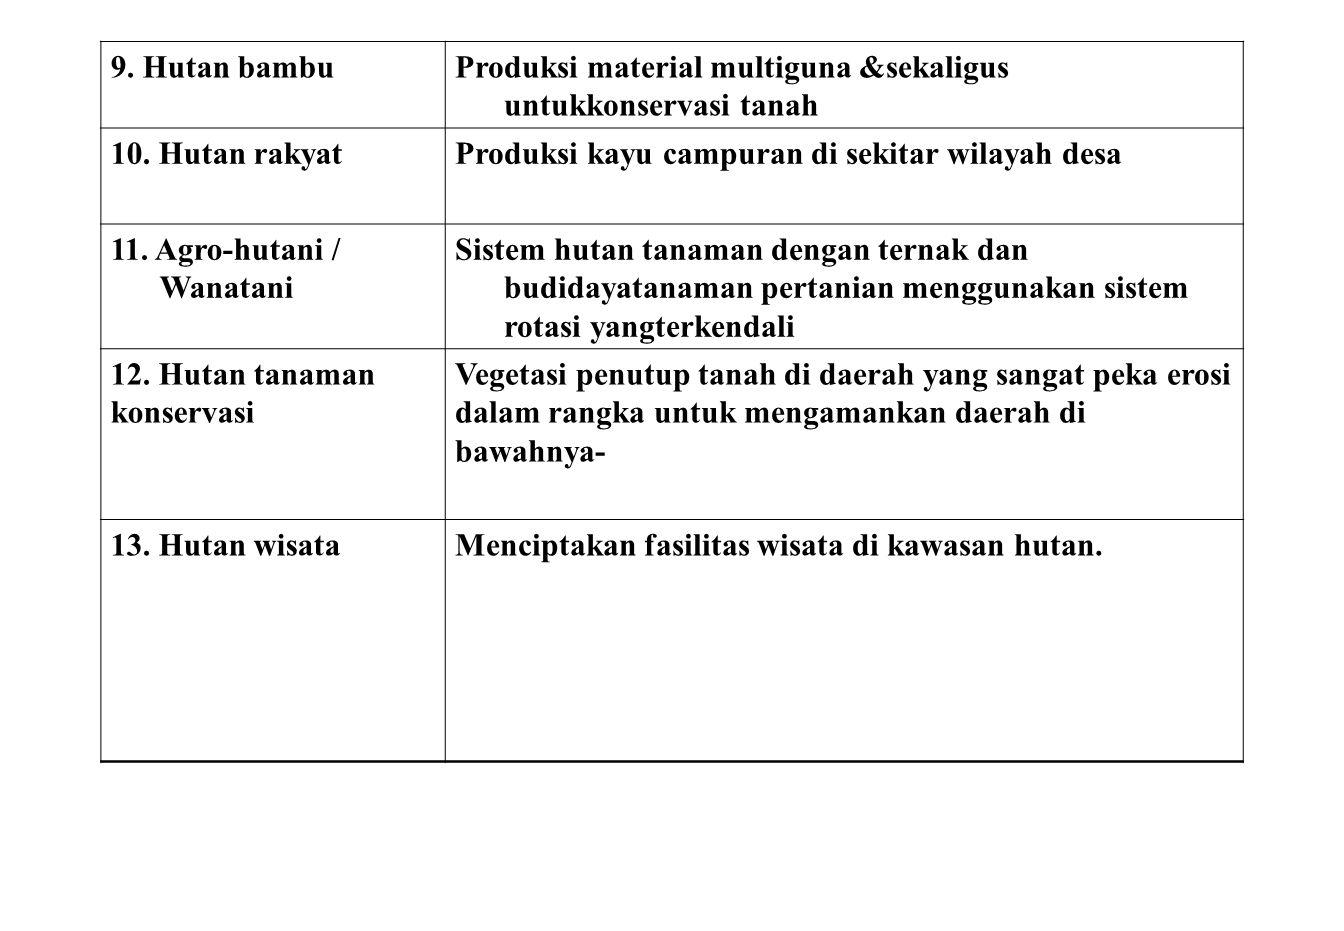 9. Hutan bambuProduksi material multiguna &sekaligus untukkonservasi tanah 10. Hutan rakyatProduksi kayu campuran di sekitar wilayah desa 11. Agro-hut